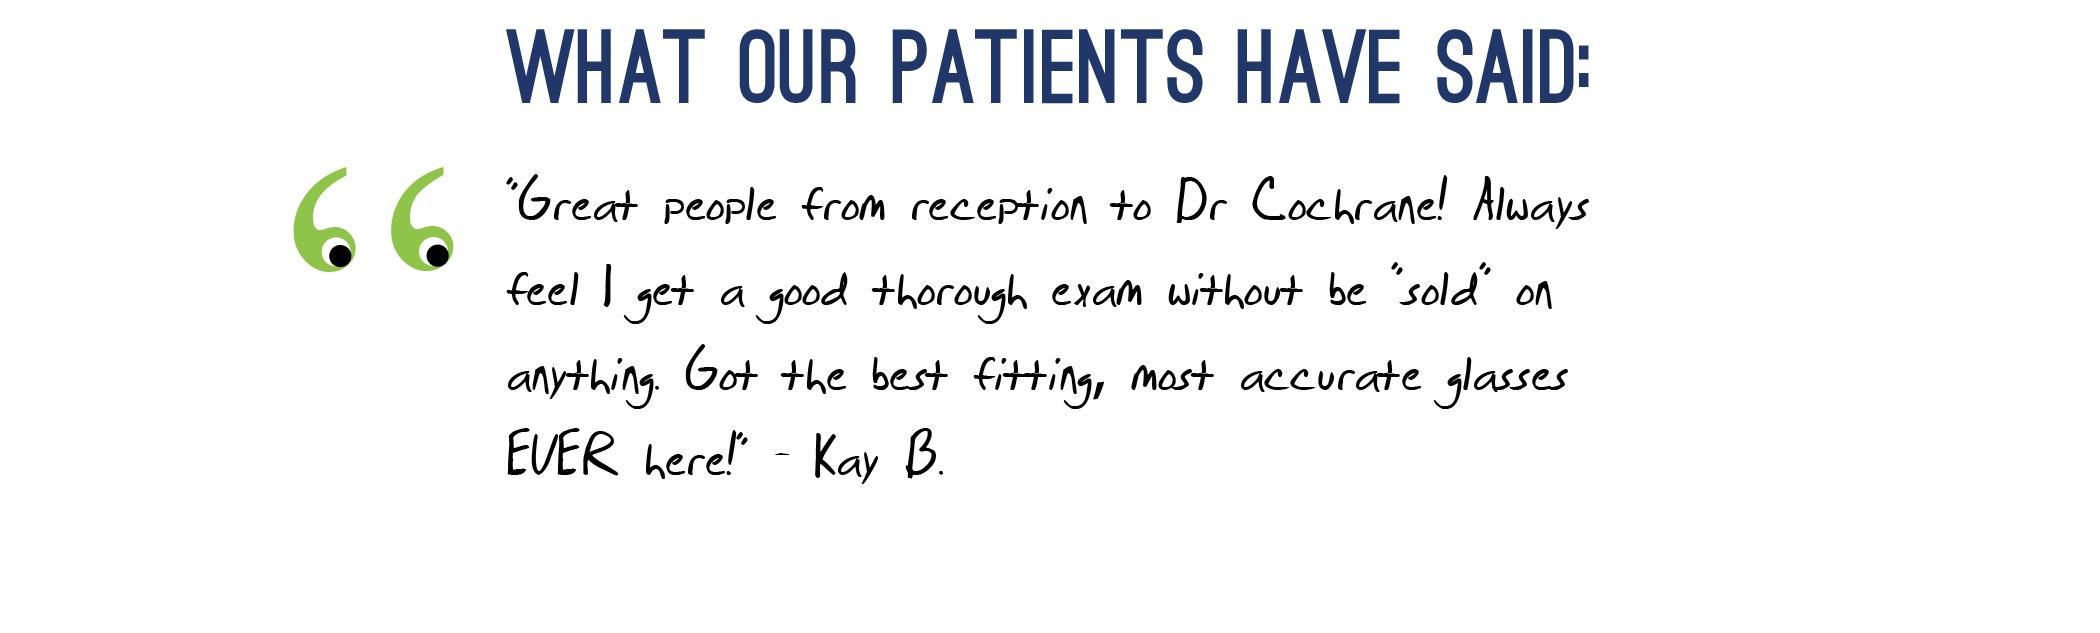 cochrane-patient-review-5.jpg